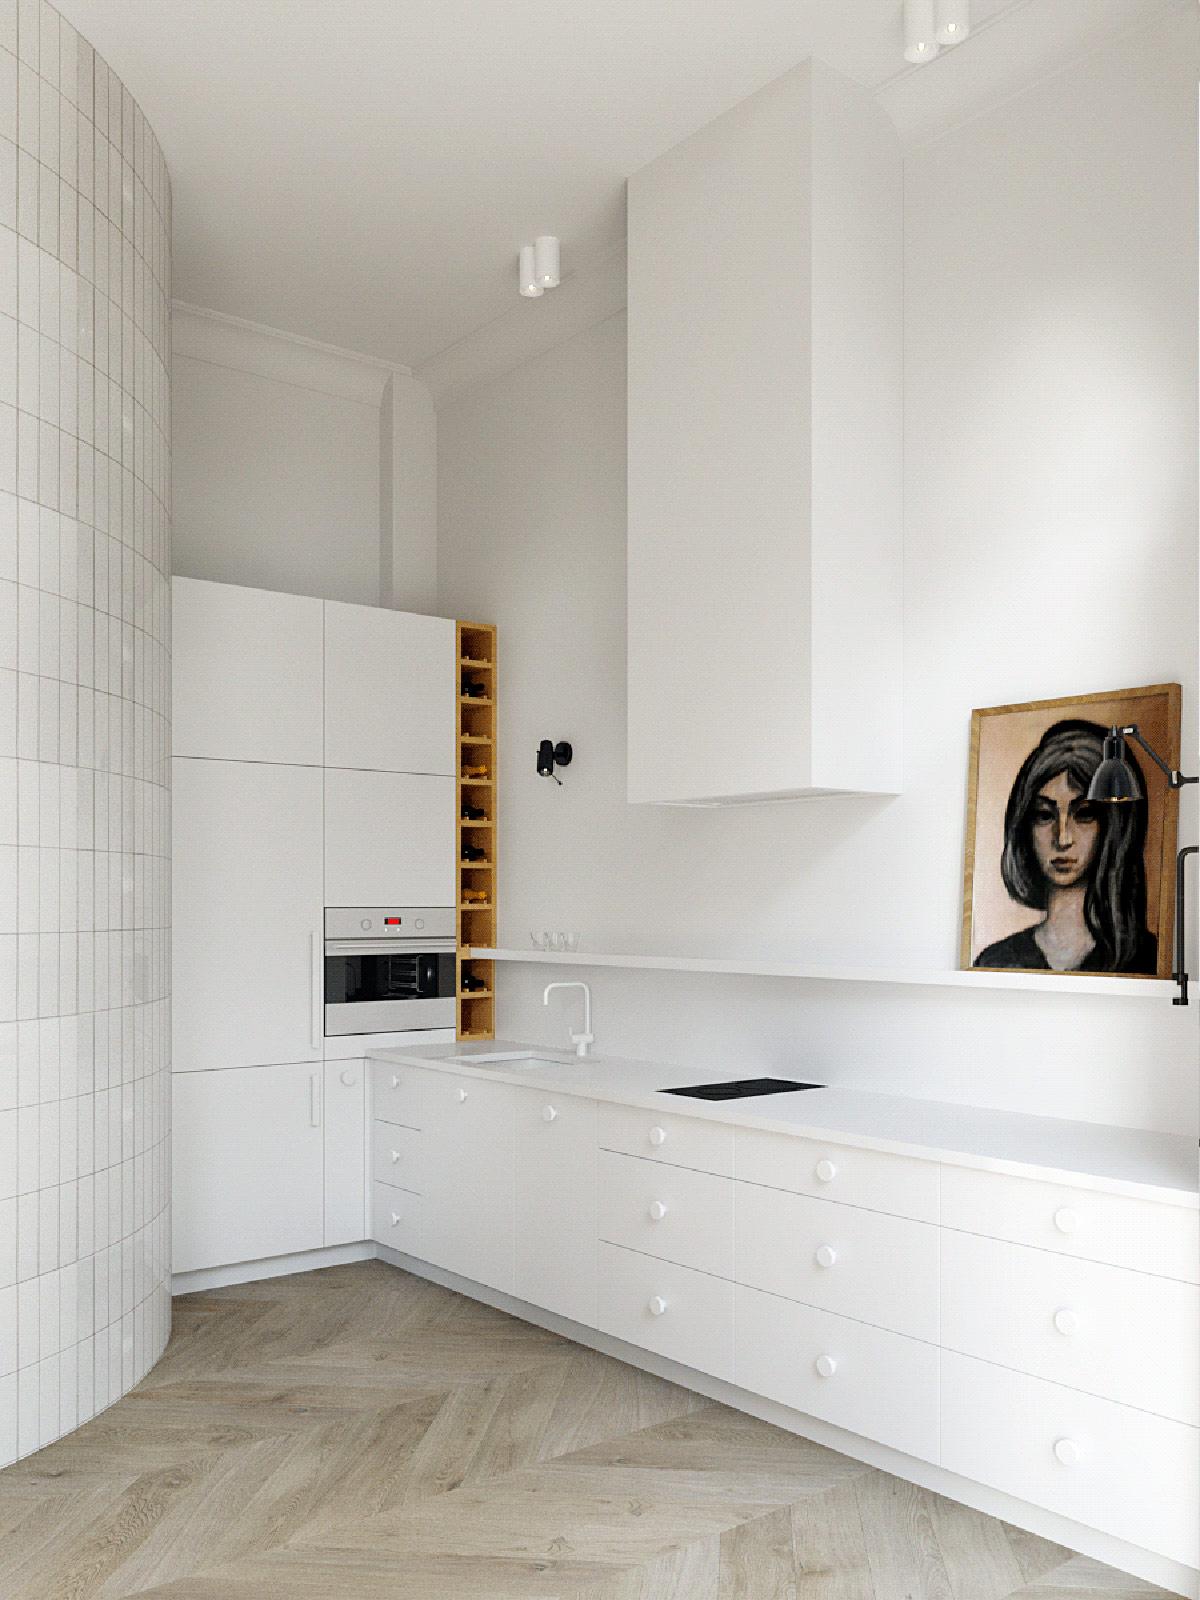 Kệ rượu vang và tranh tường nghệ thuật xua tan vẻ đơn điệu của phông nền màu trắng.